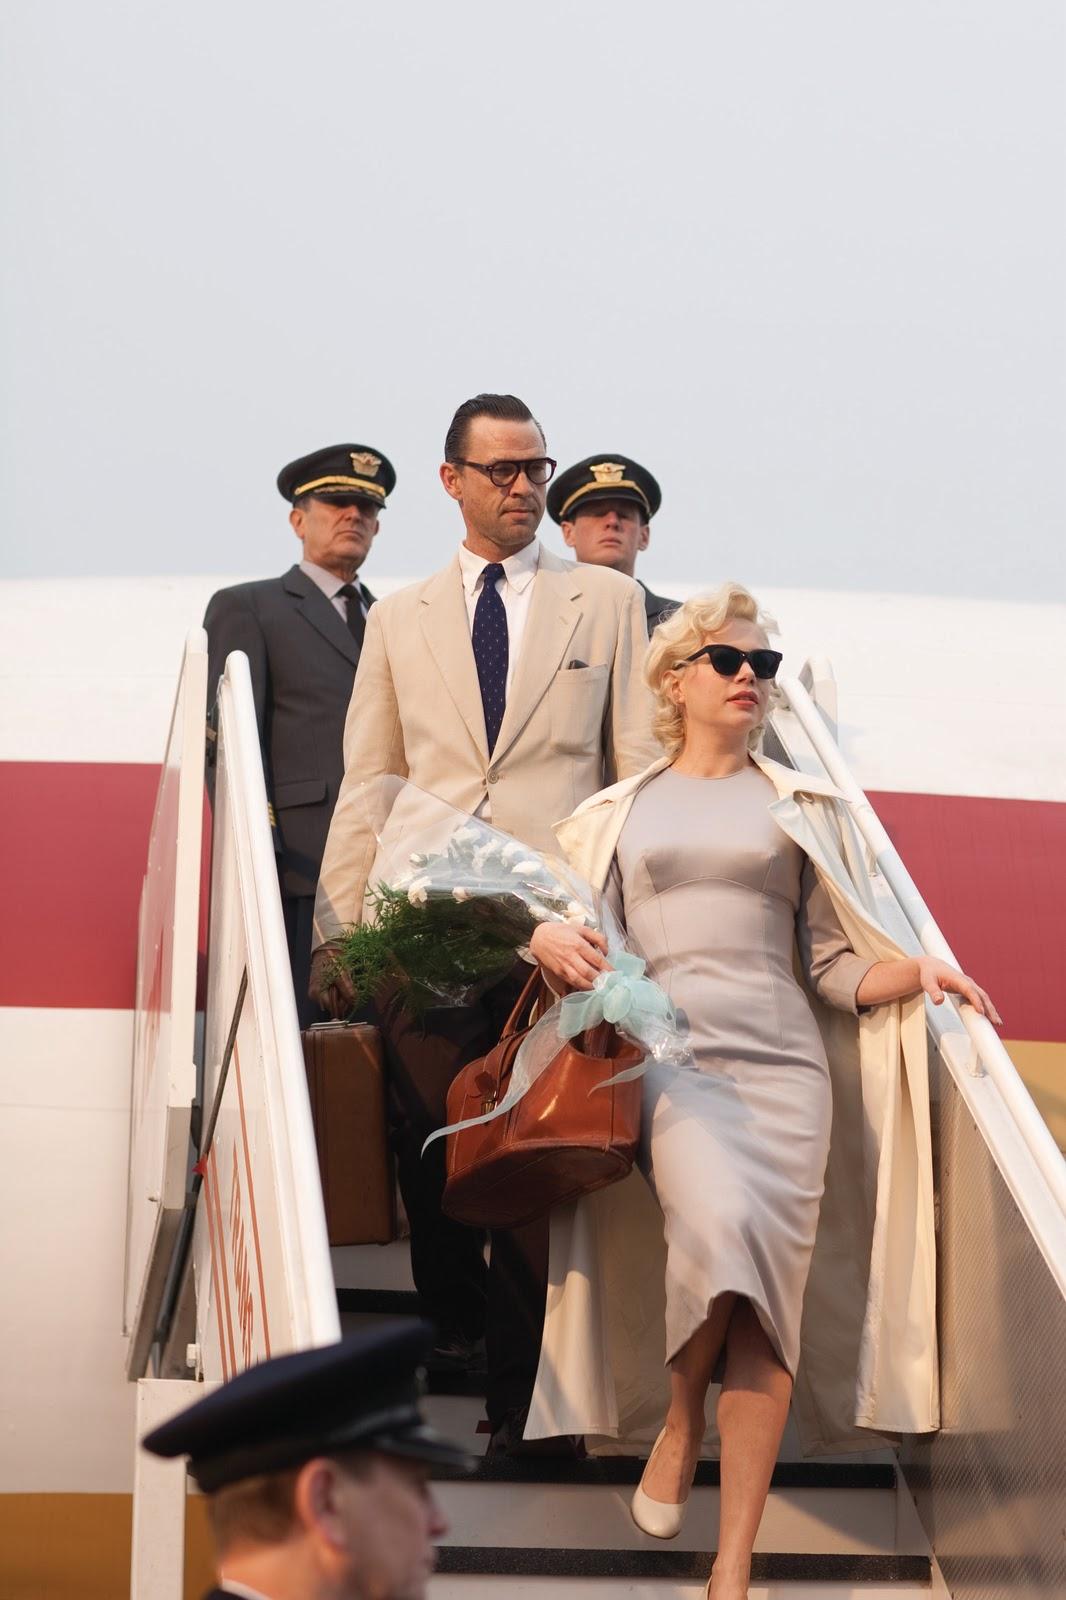 http://2.bp.blogspot.com/-oFOxxifgHwQ/TxTHsv83MJI/AAAAAAAAB9Q/SJltNuPIKxs/s1600/My-Week-With-Marilyn-1.jpg